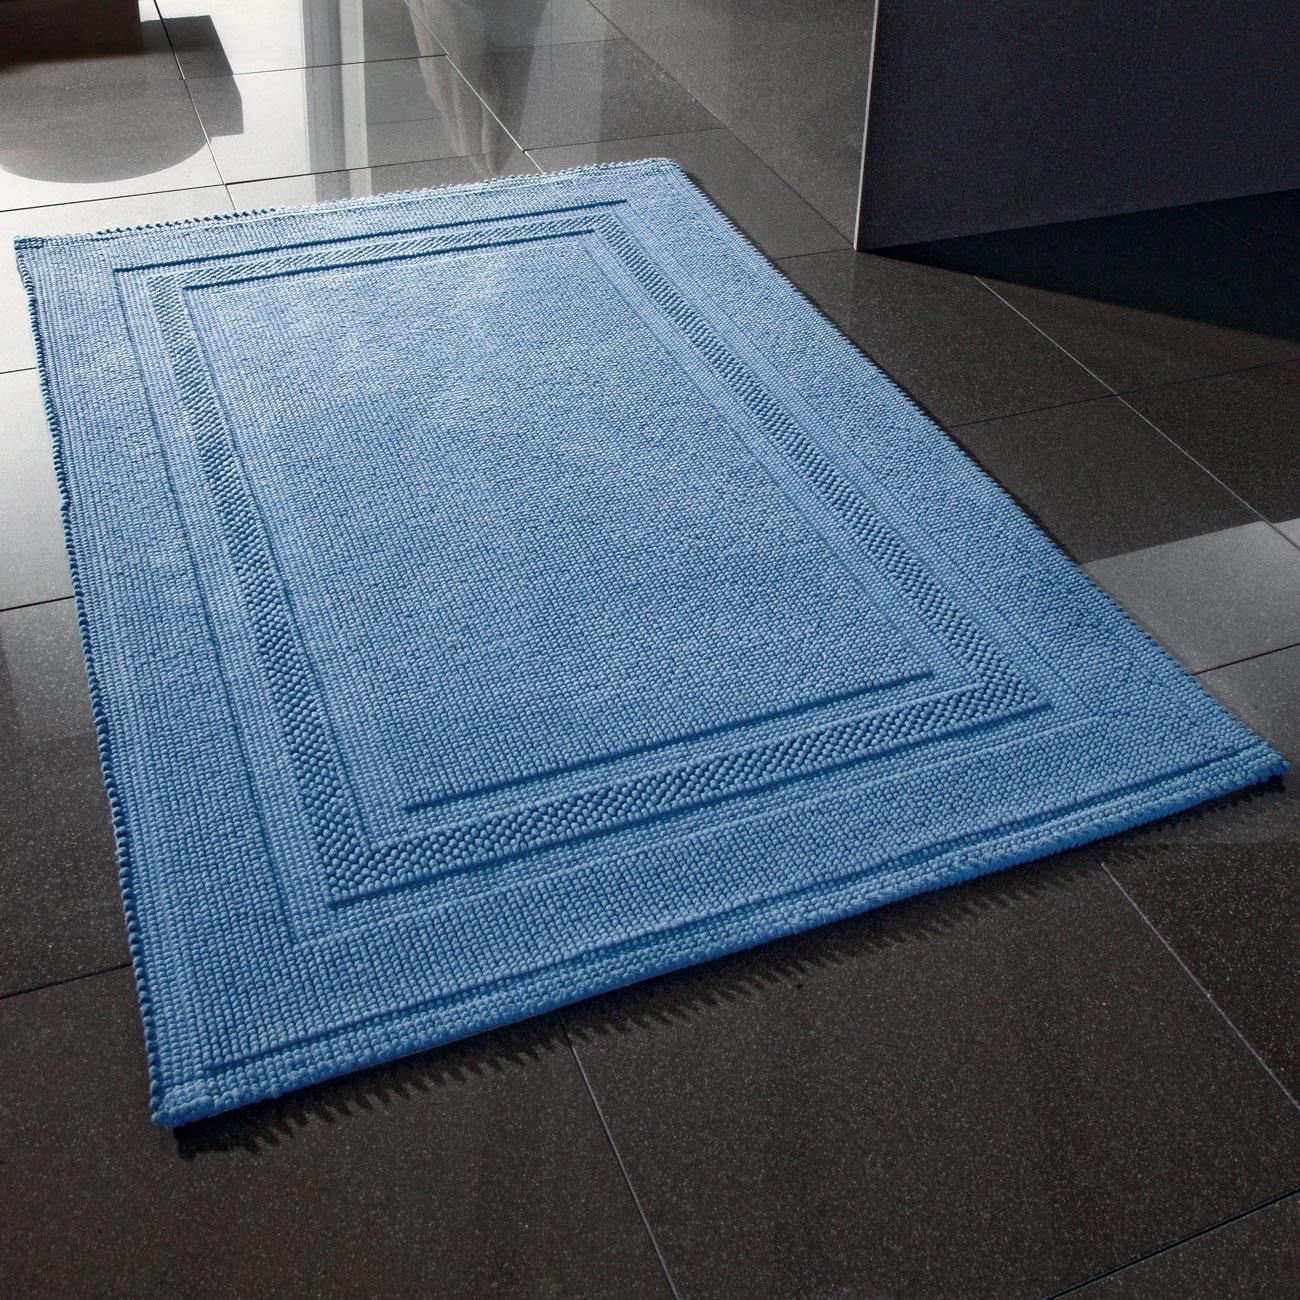 Tapis de bain non pelucheux 60 x 90 cm pas cher pro idee for La redoute tapis salle de bain